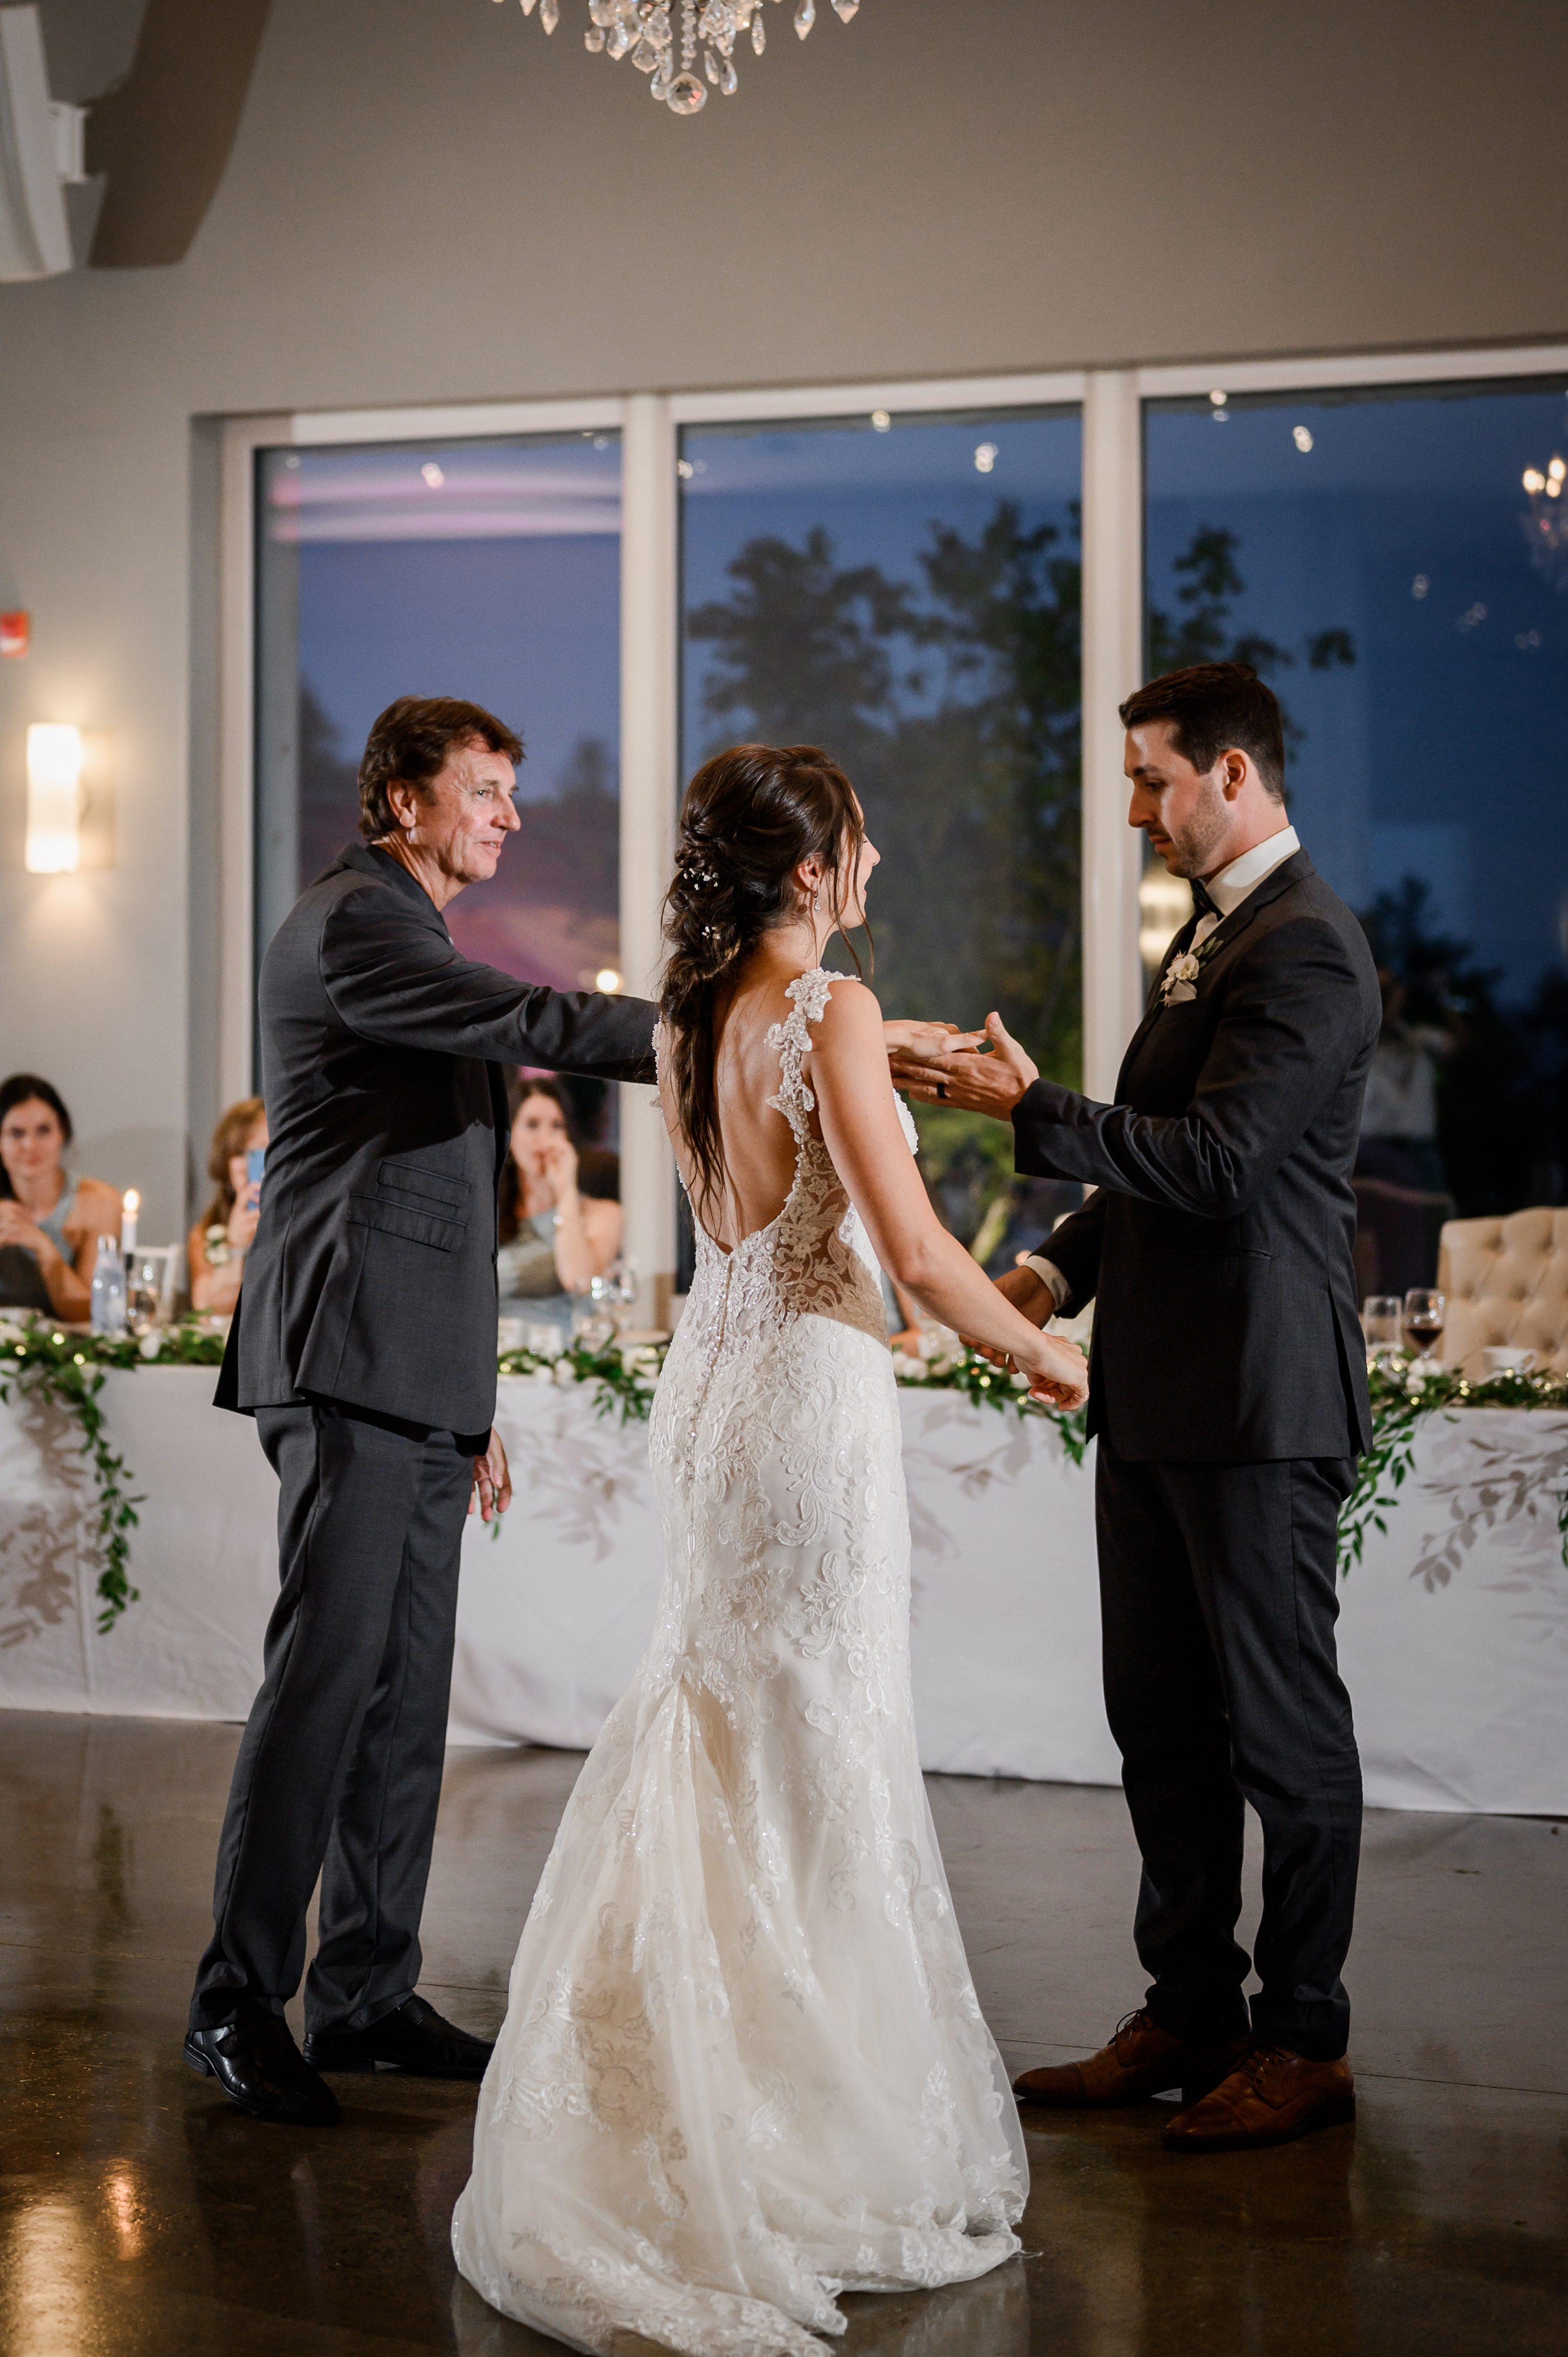 Cliffside Wedding Venue,gazebo mariage